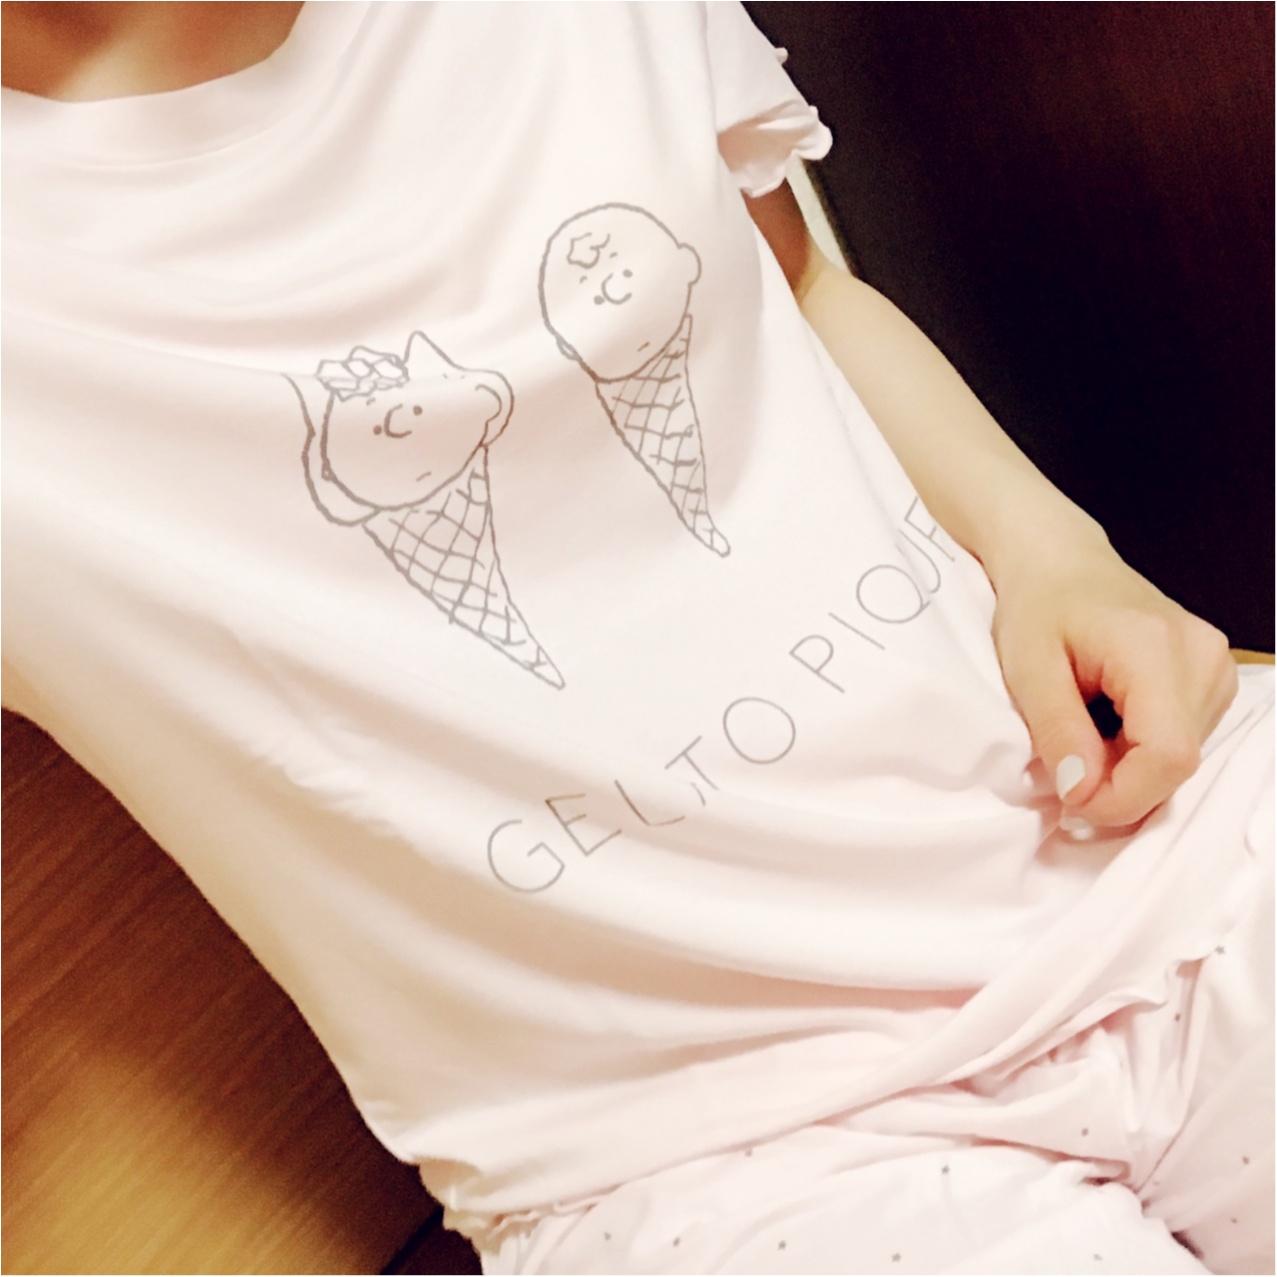 シュールかわいい!?【gelato pique × SNOOPY】のコラボルームウエア♡_3